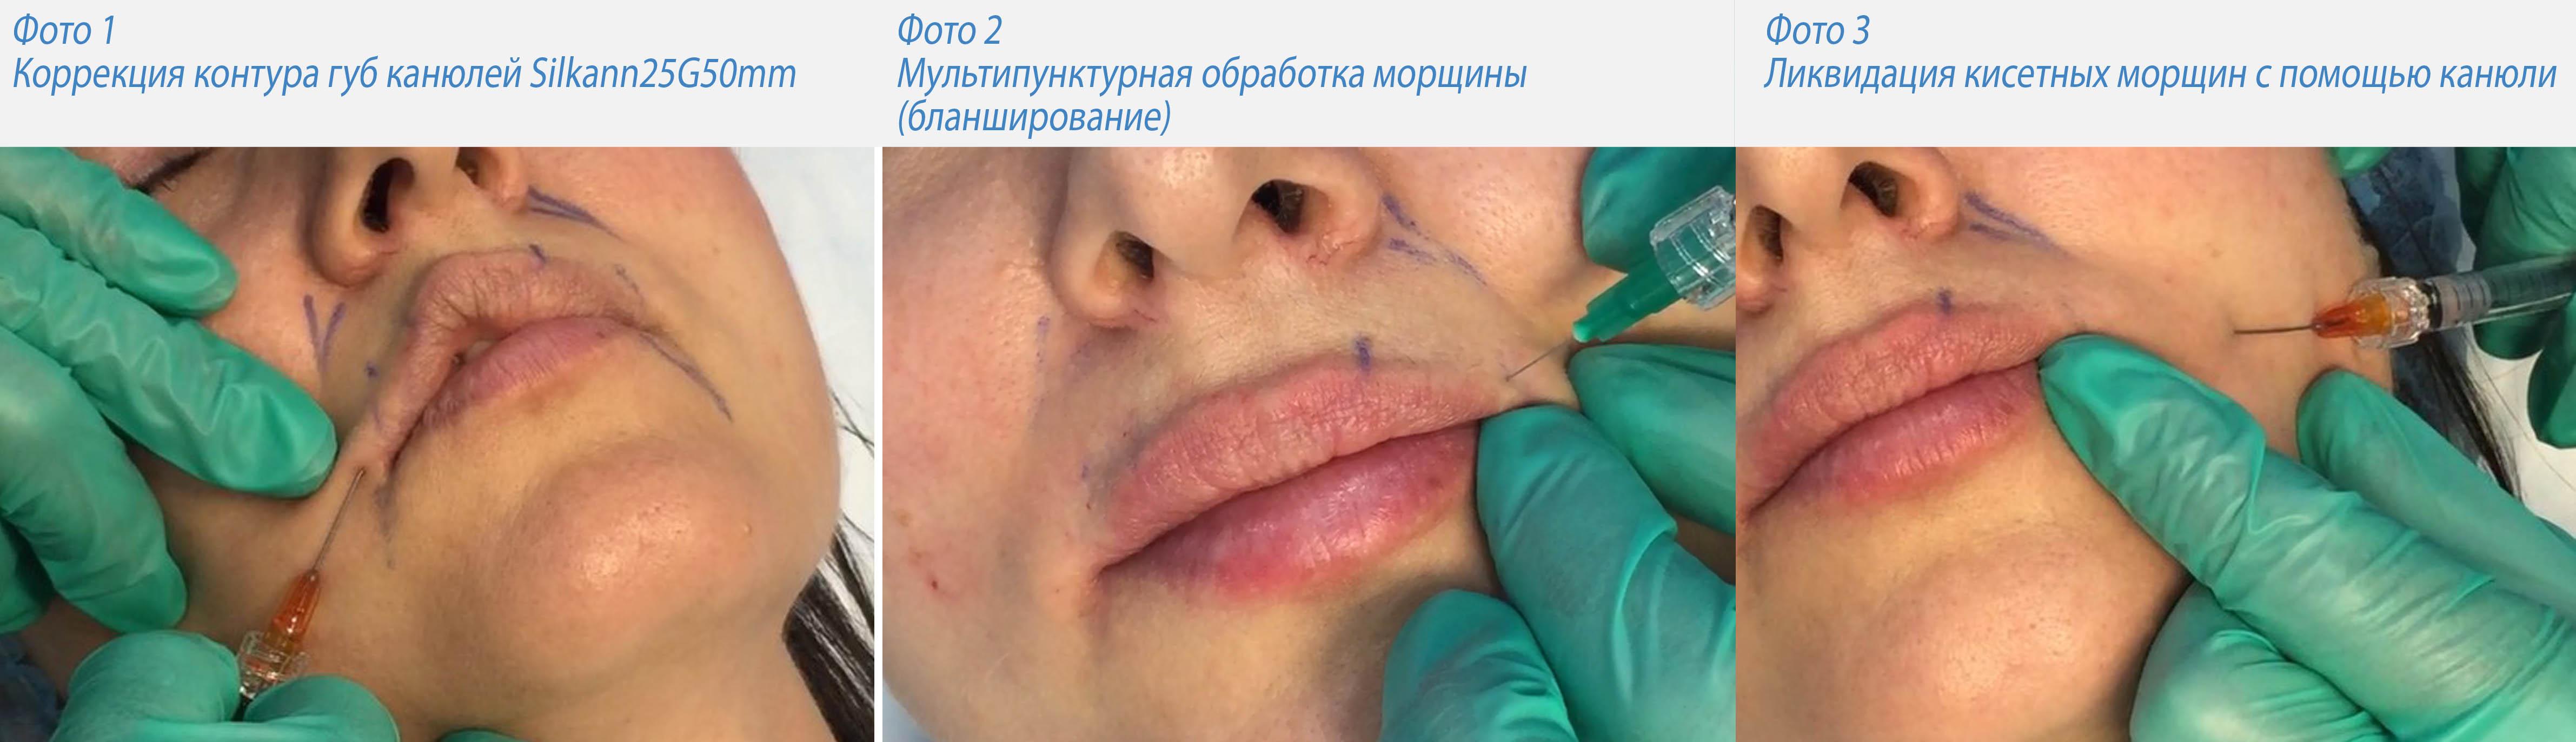 шугаринг верхней губы видео